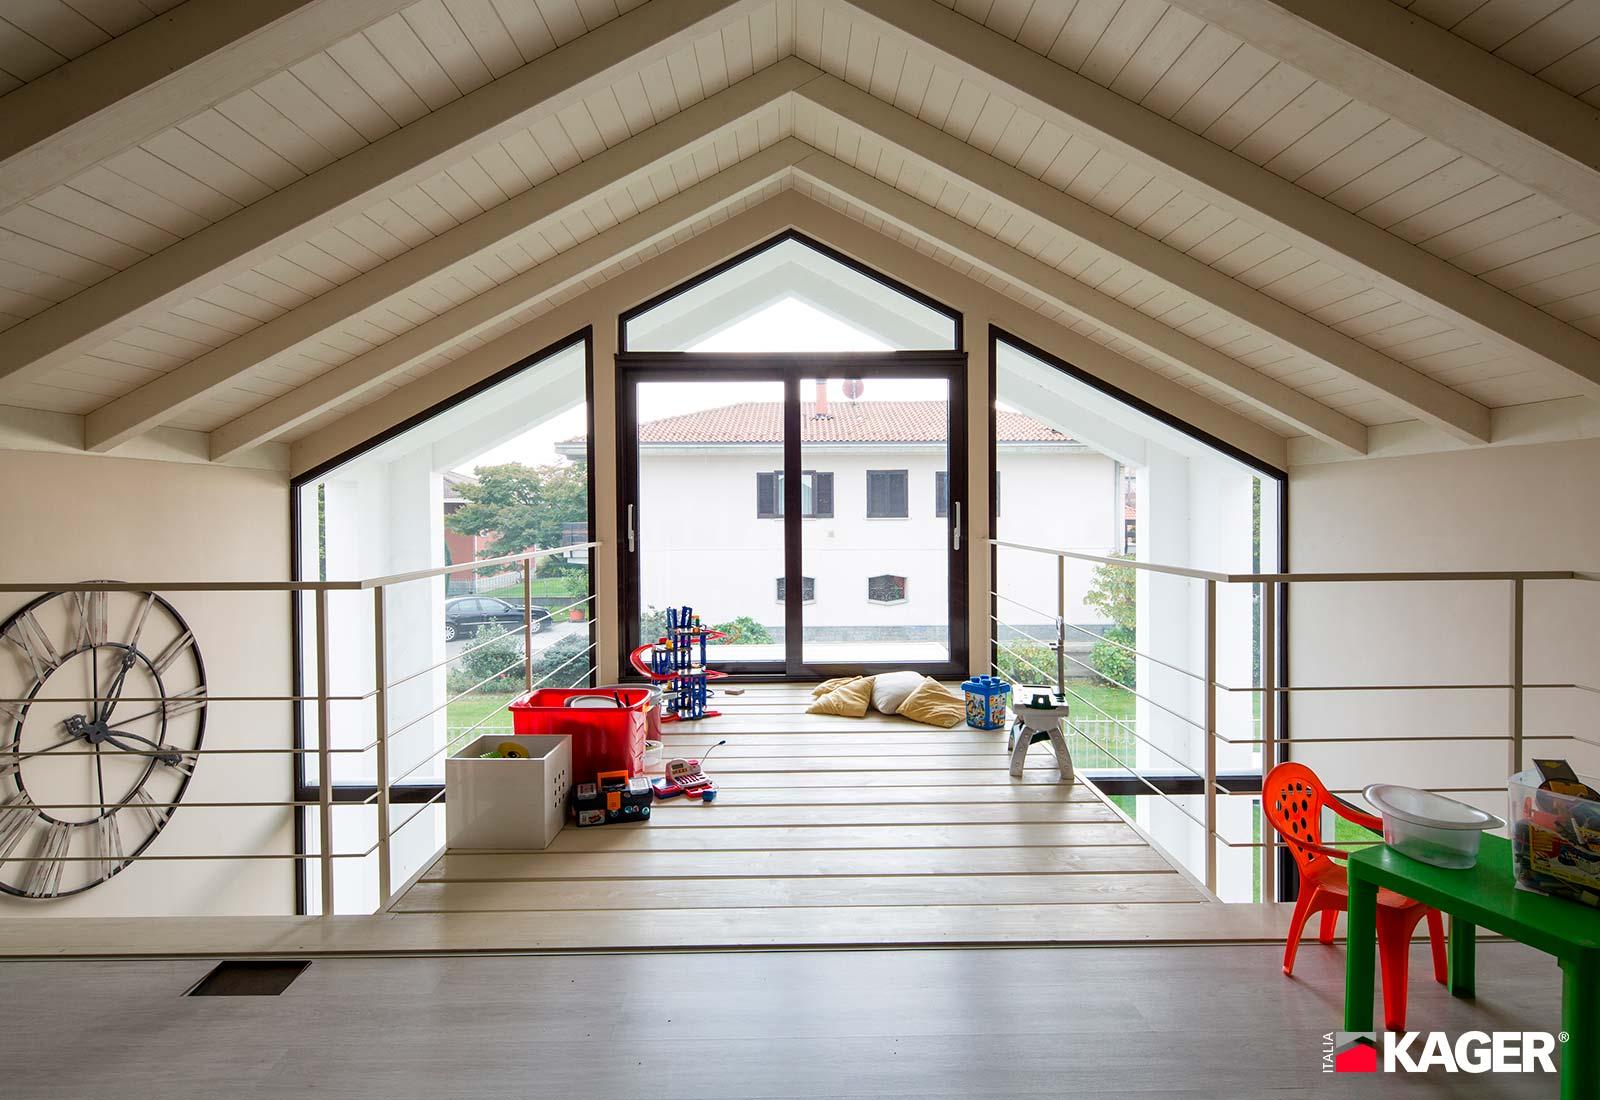 Casa-in-legno-Cureggio-Kager-Italia-08